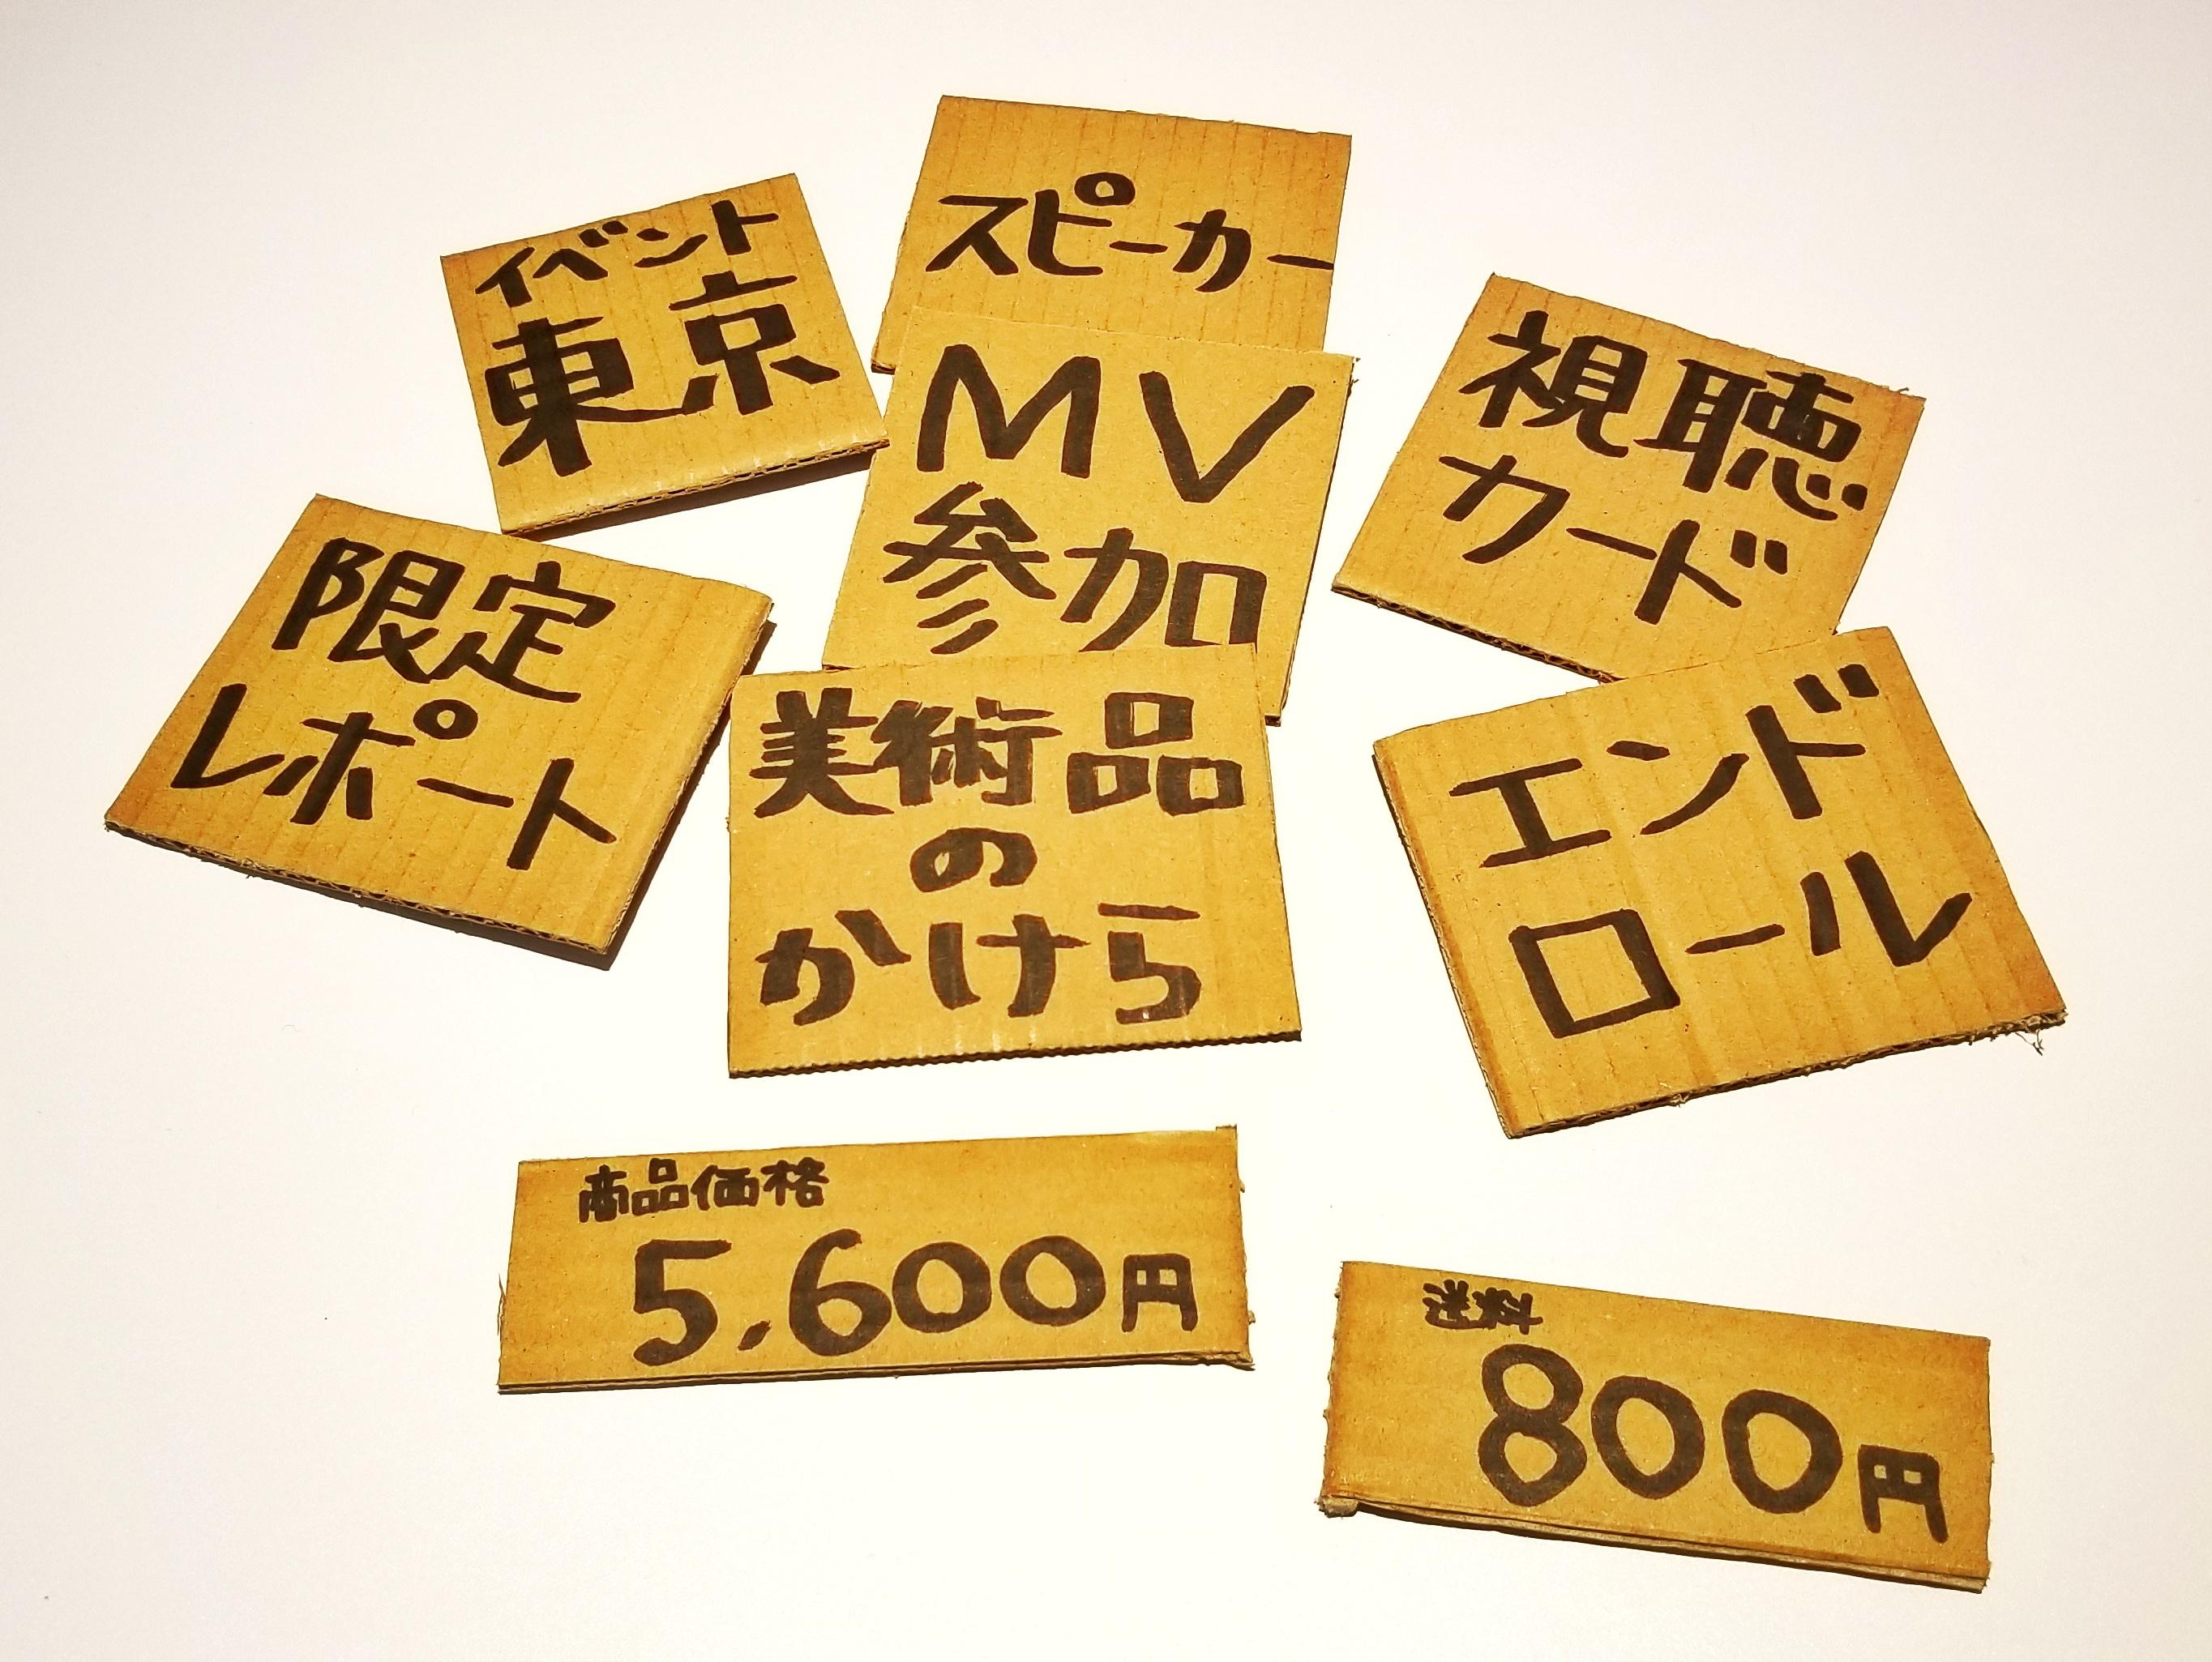 【11/20まで】四星球プレミアムイベント《東京》付きMV参加プランの画像